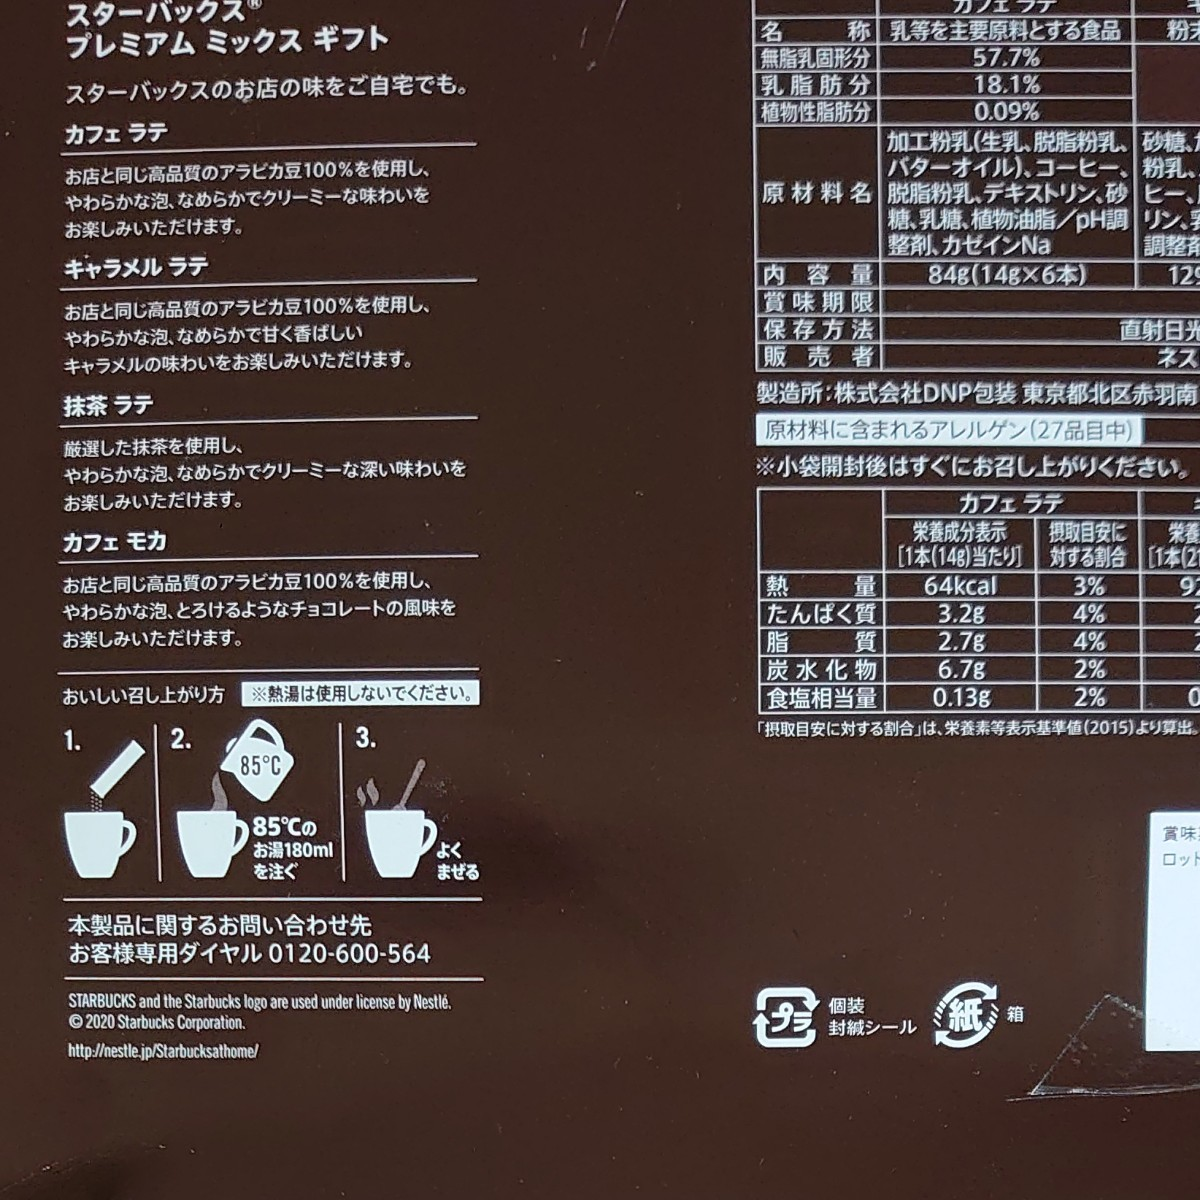 スターバックスプレミアムミックスギフト20本 賞味期限2022.04